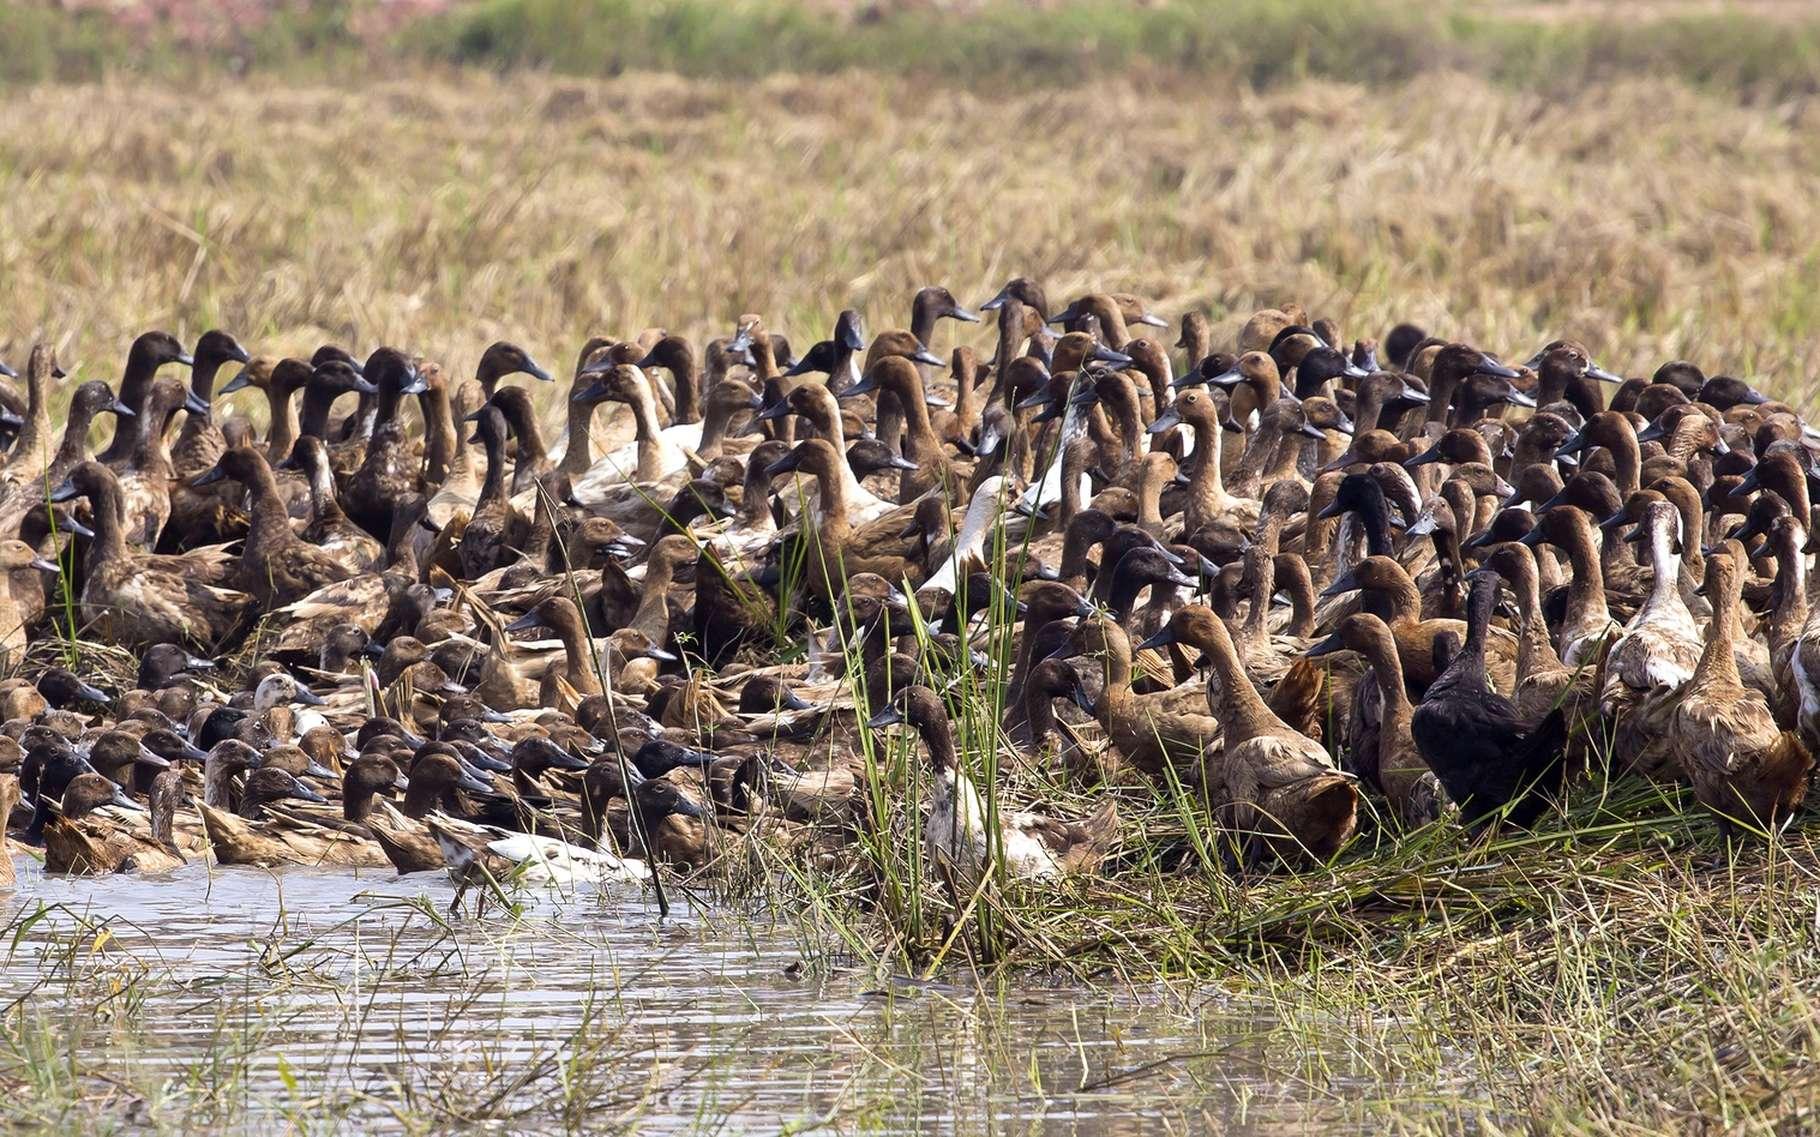 Les 11.000 canards de l'élevage de Cruéjouls (Aveyron) devront être abattus car un foyer de grippe aviaire y a été identifié. L'éleveur sera indemnisé. © WathanyuSowong, Shutterstock